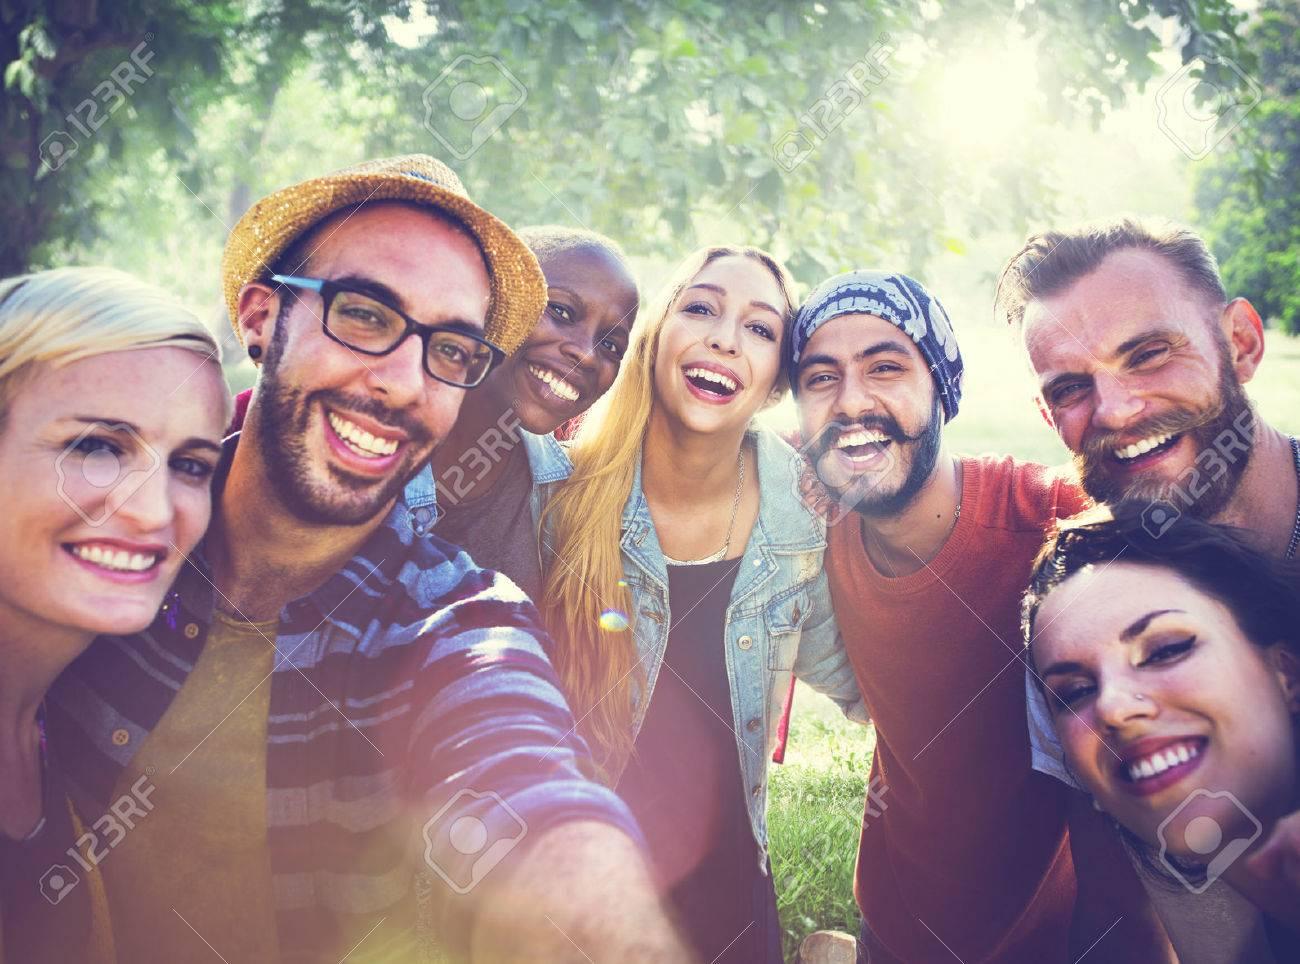 Diverse Summer Friends Fun Bonding Selfie Concept - 53032965